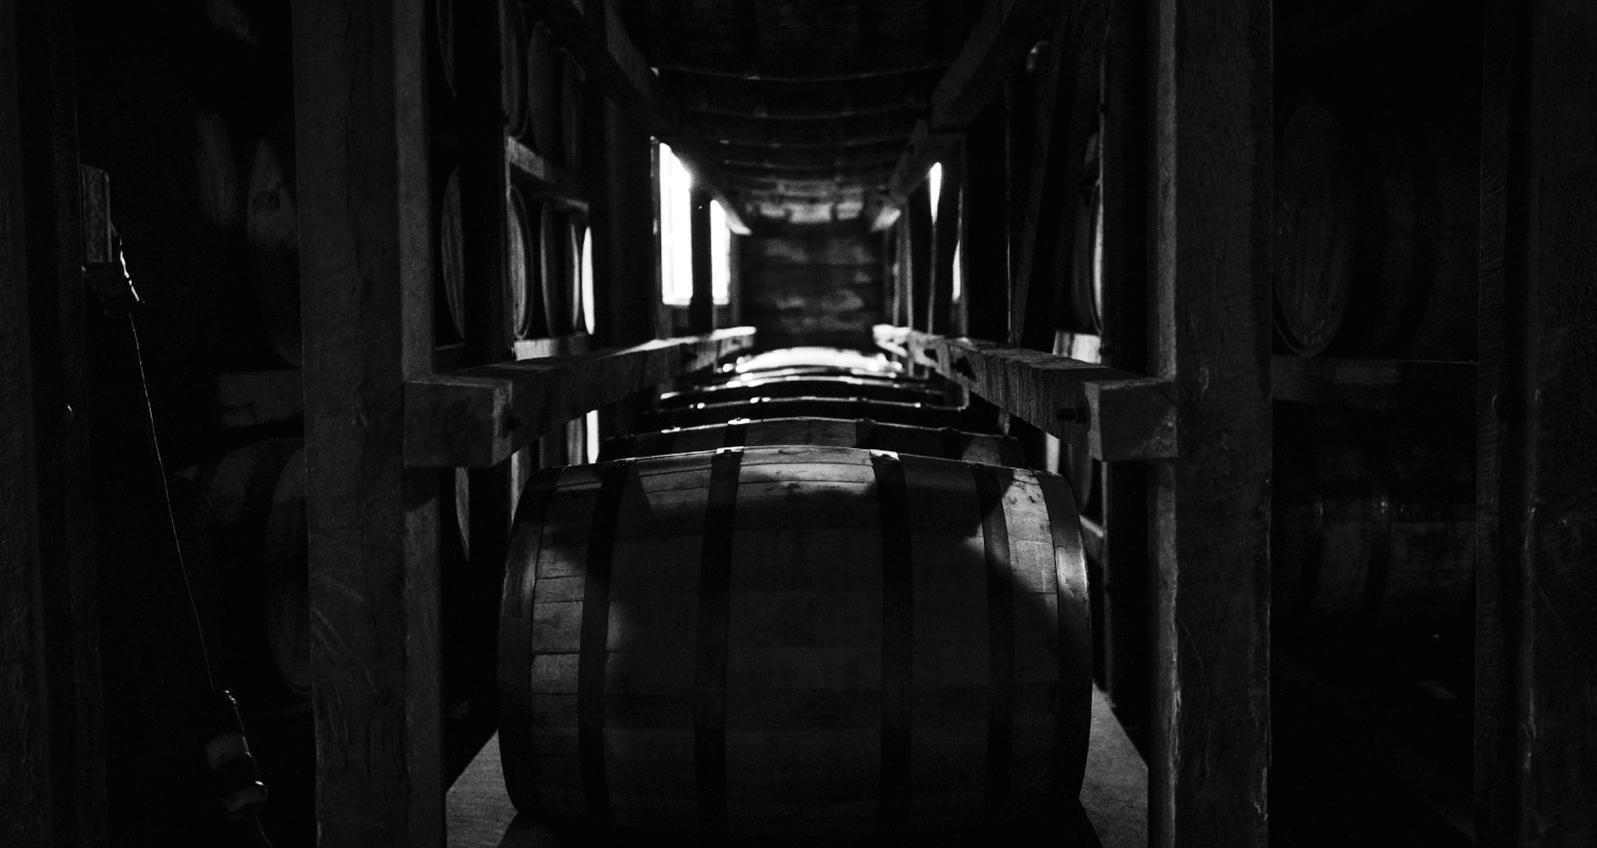 Blackenned Barrels